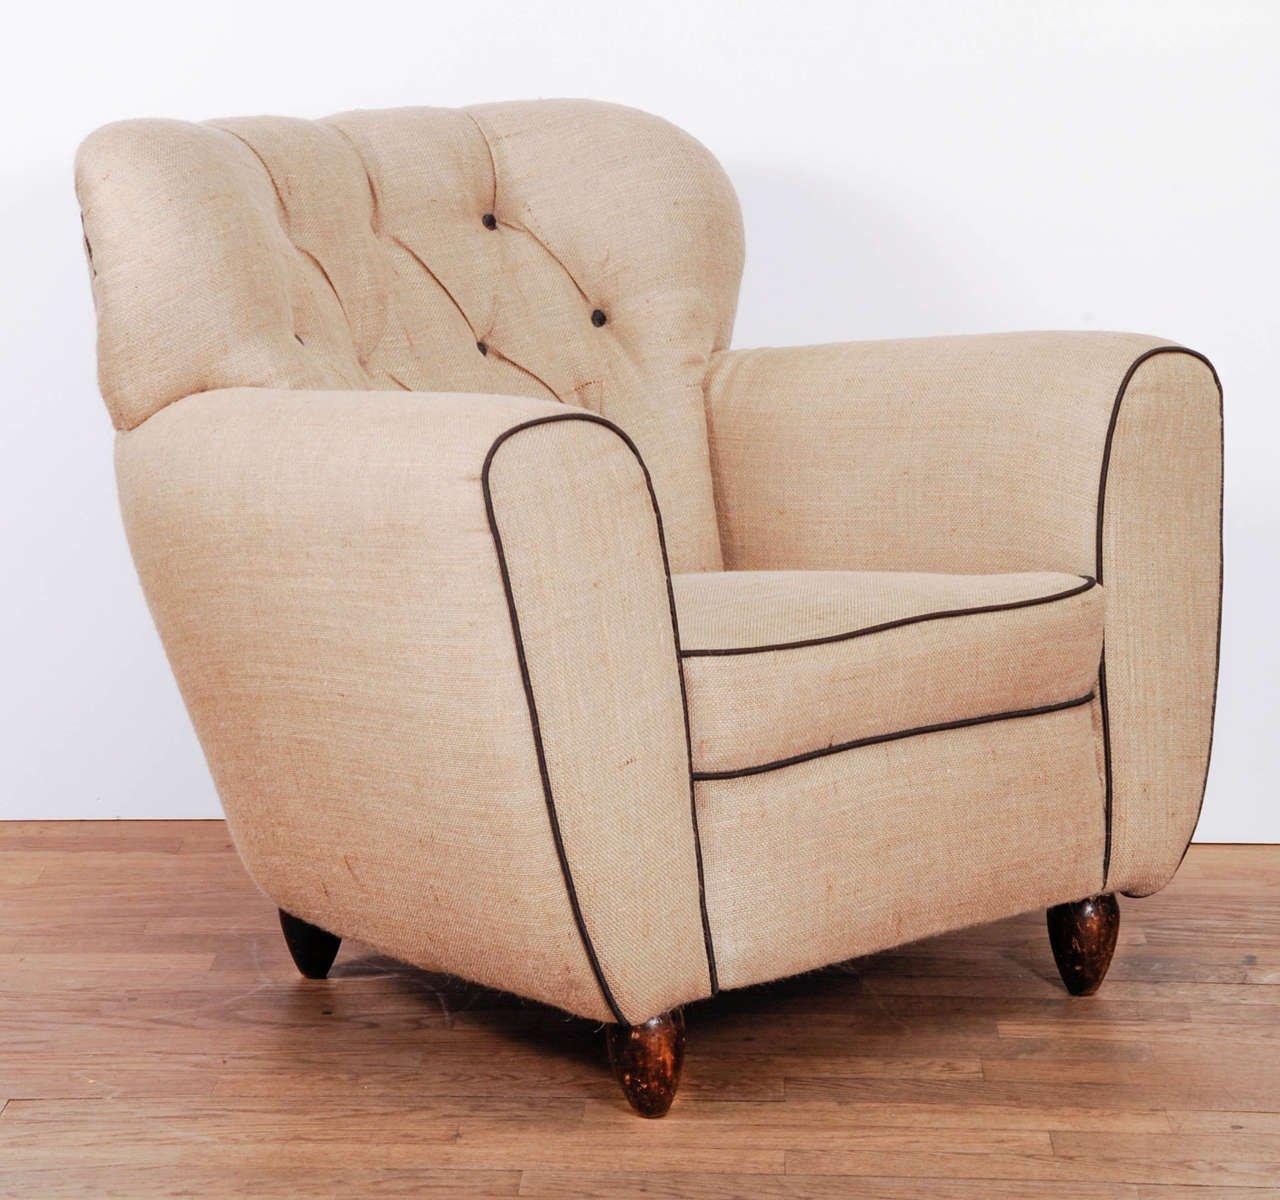 sessel 1940er 2er set bei pamono kaufen. Black Bedroom Furniture Sets. Home Design Ideas